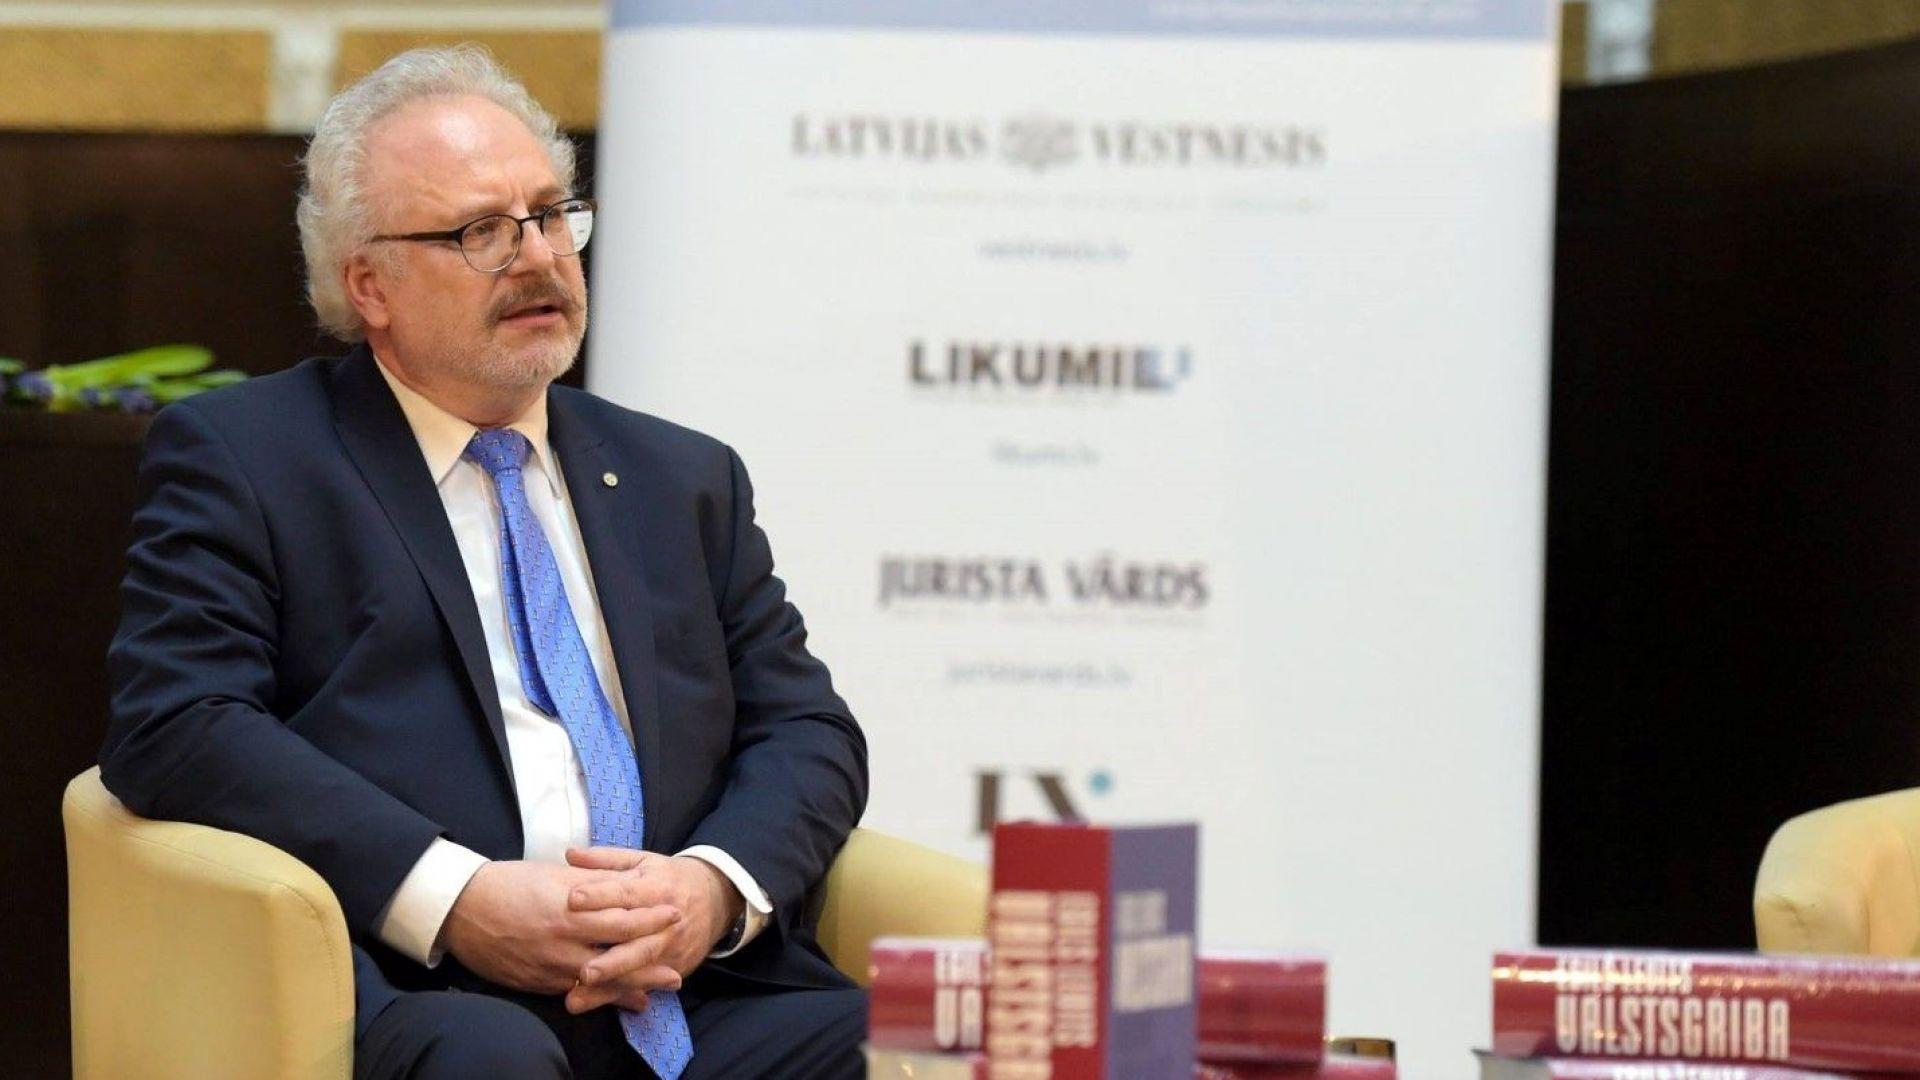 Бившият съдия от Европейския съд Егилс Левитс е новият президент на Латвия